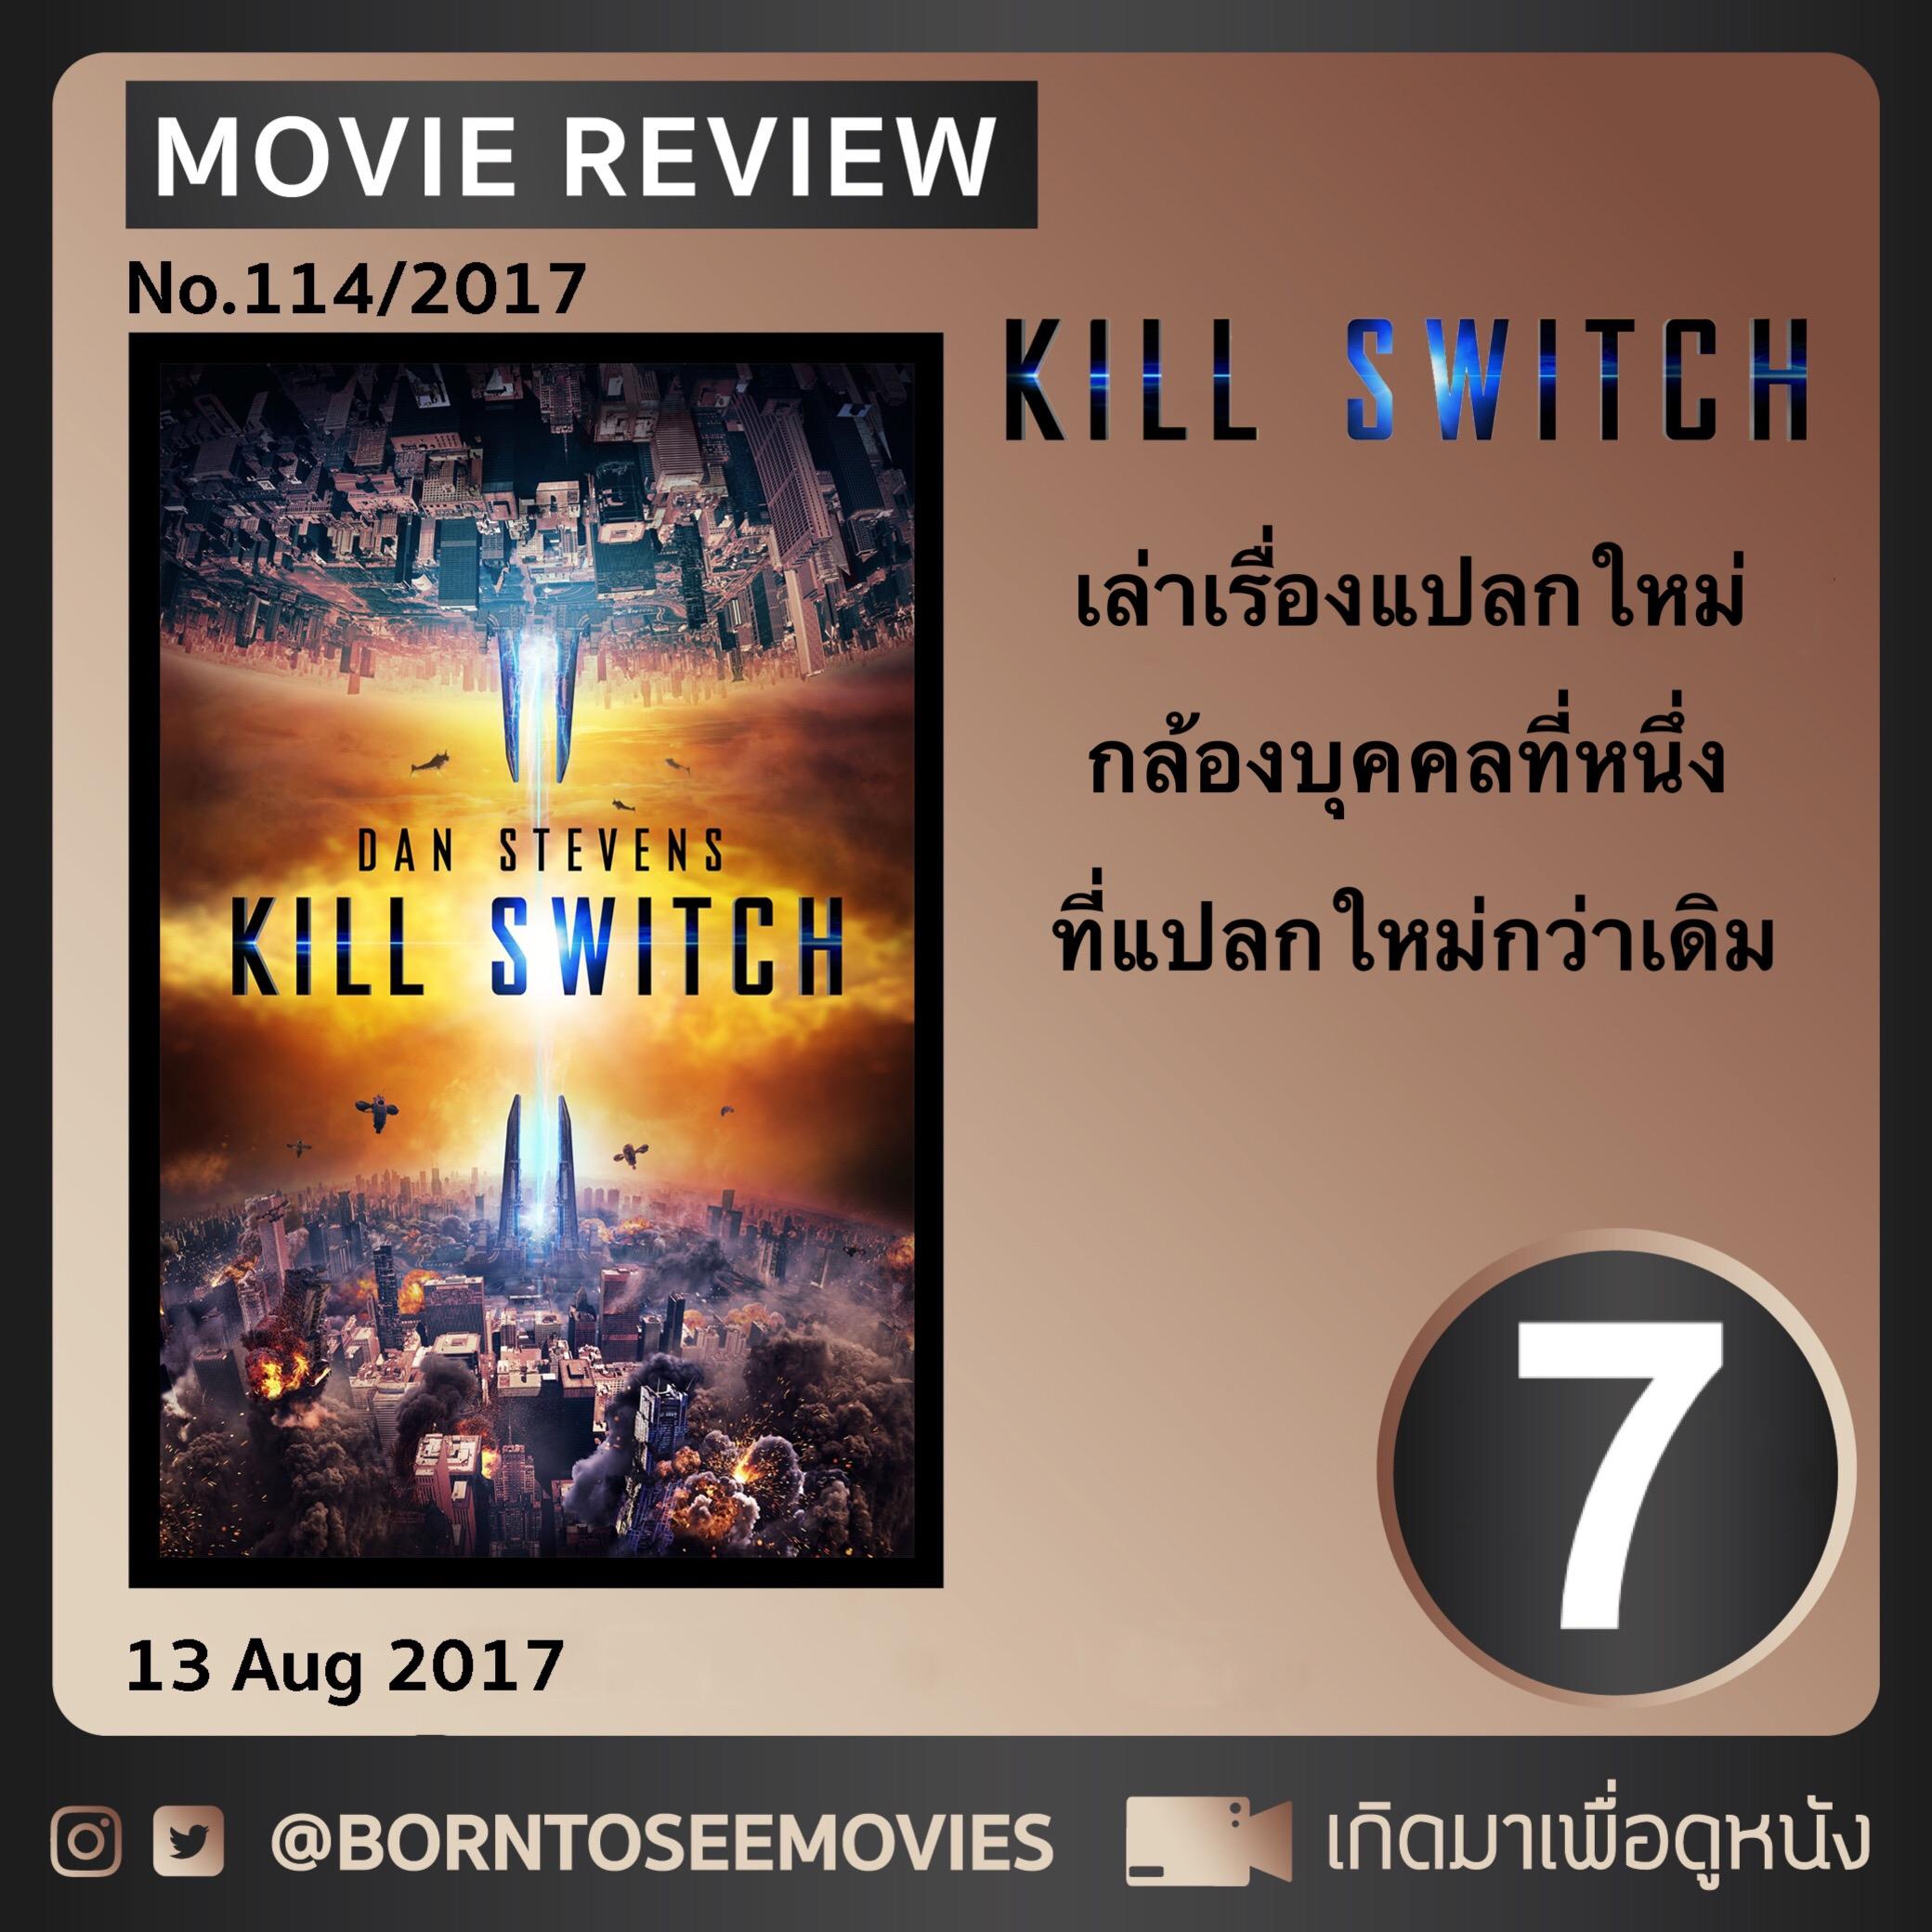 รีวิว Kill Switch